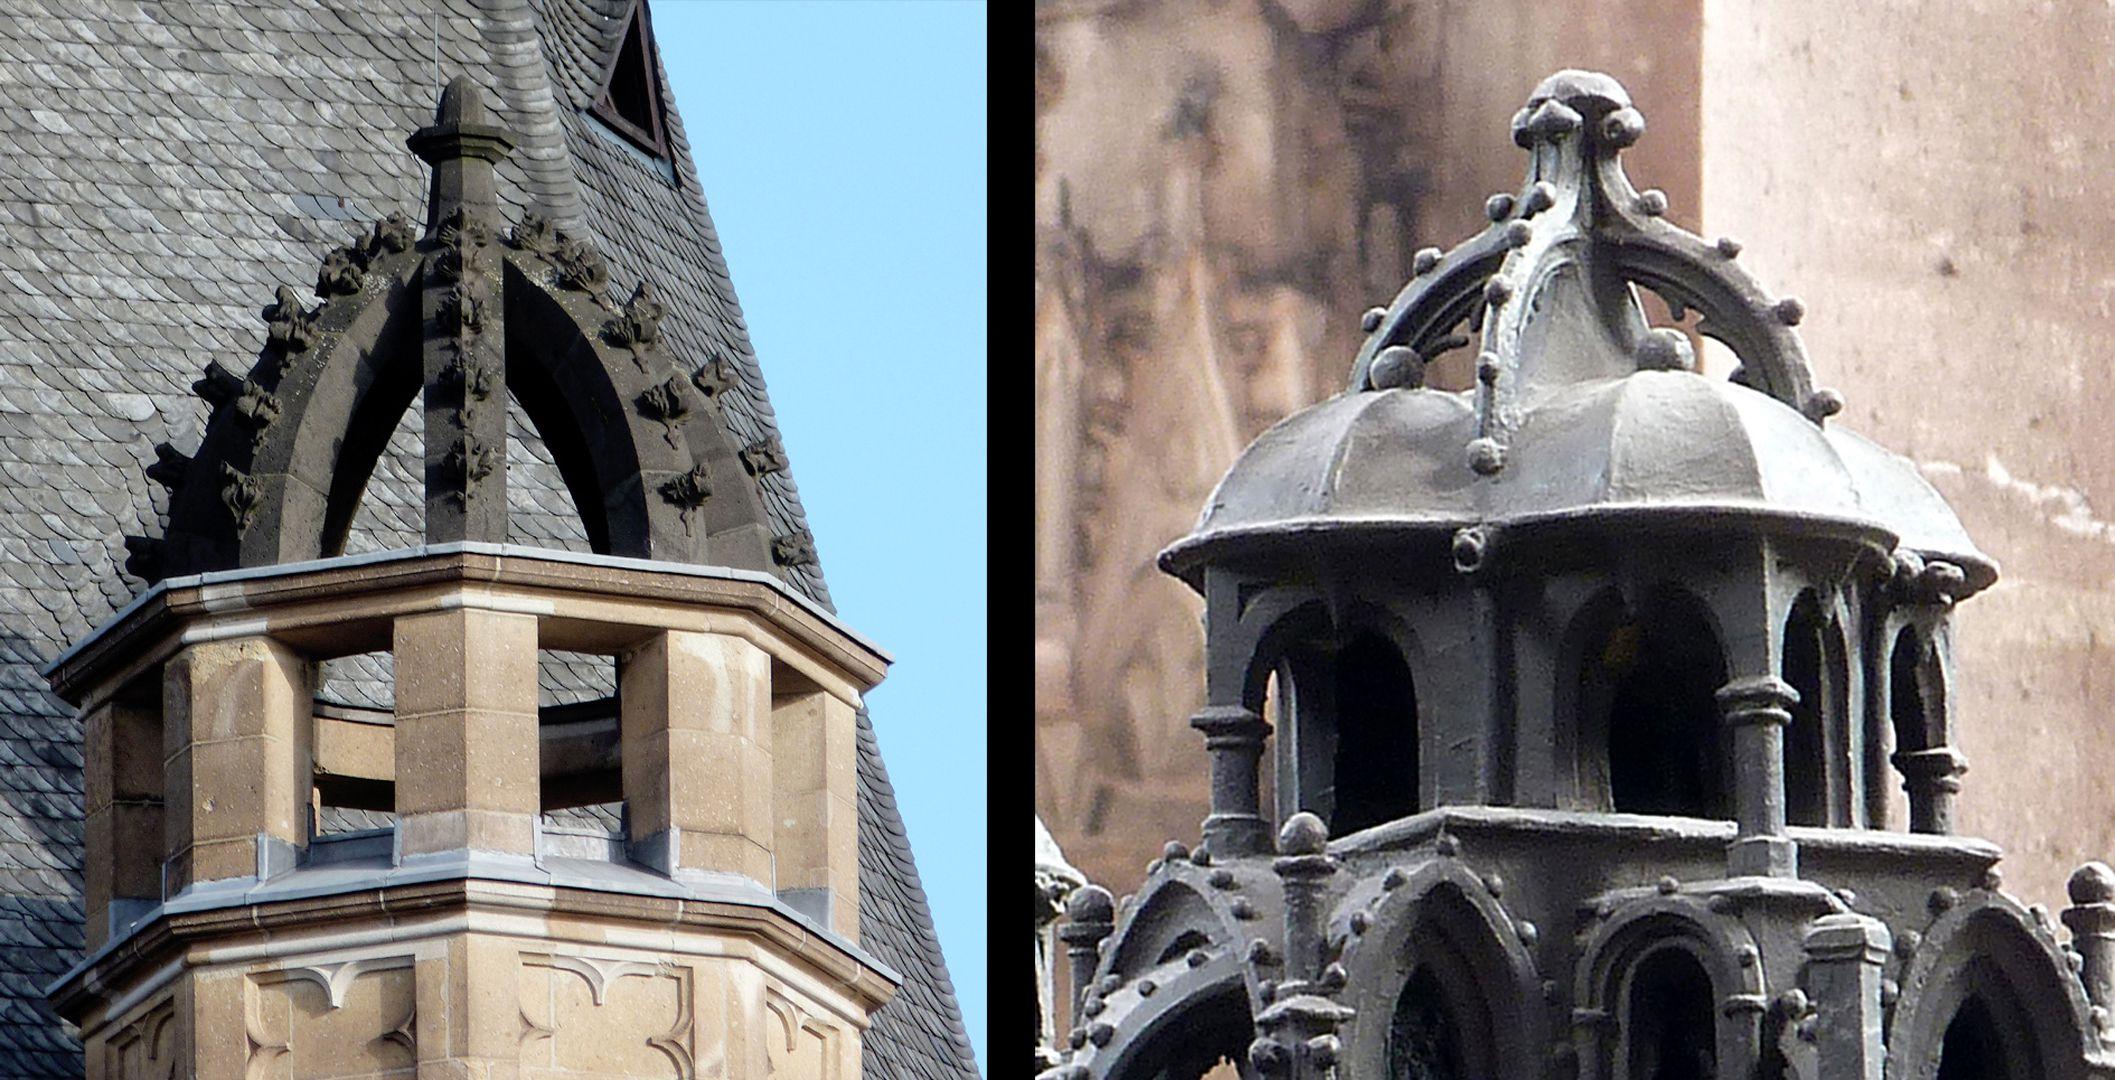 Sebaldusgrab Gotisch sind die Bügelkronen mit Krabbenwerk bzw. Kugeln: links Köln, Rathaus 1407-14, rechts Sebaldusgrab.